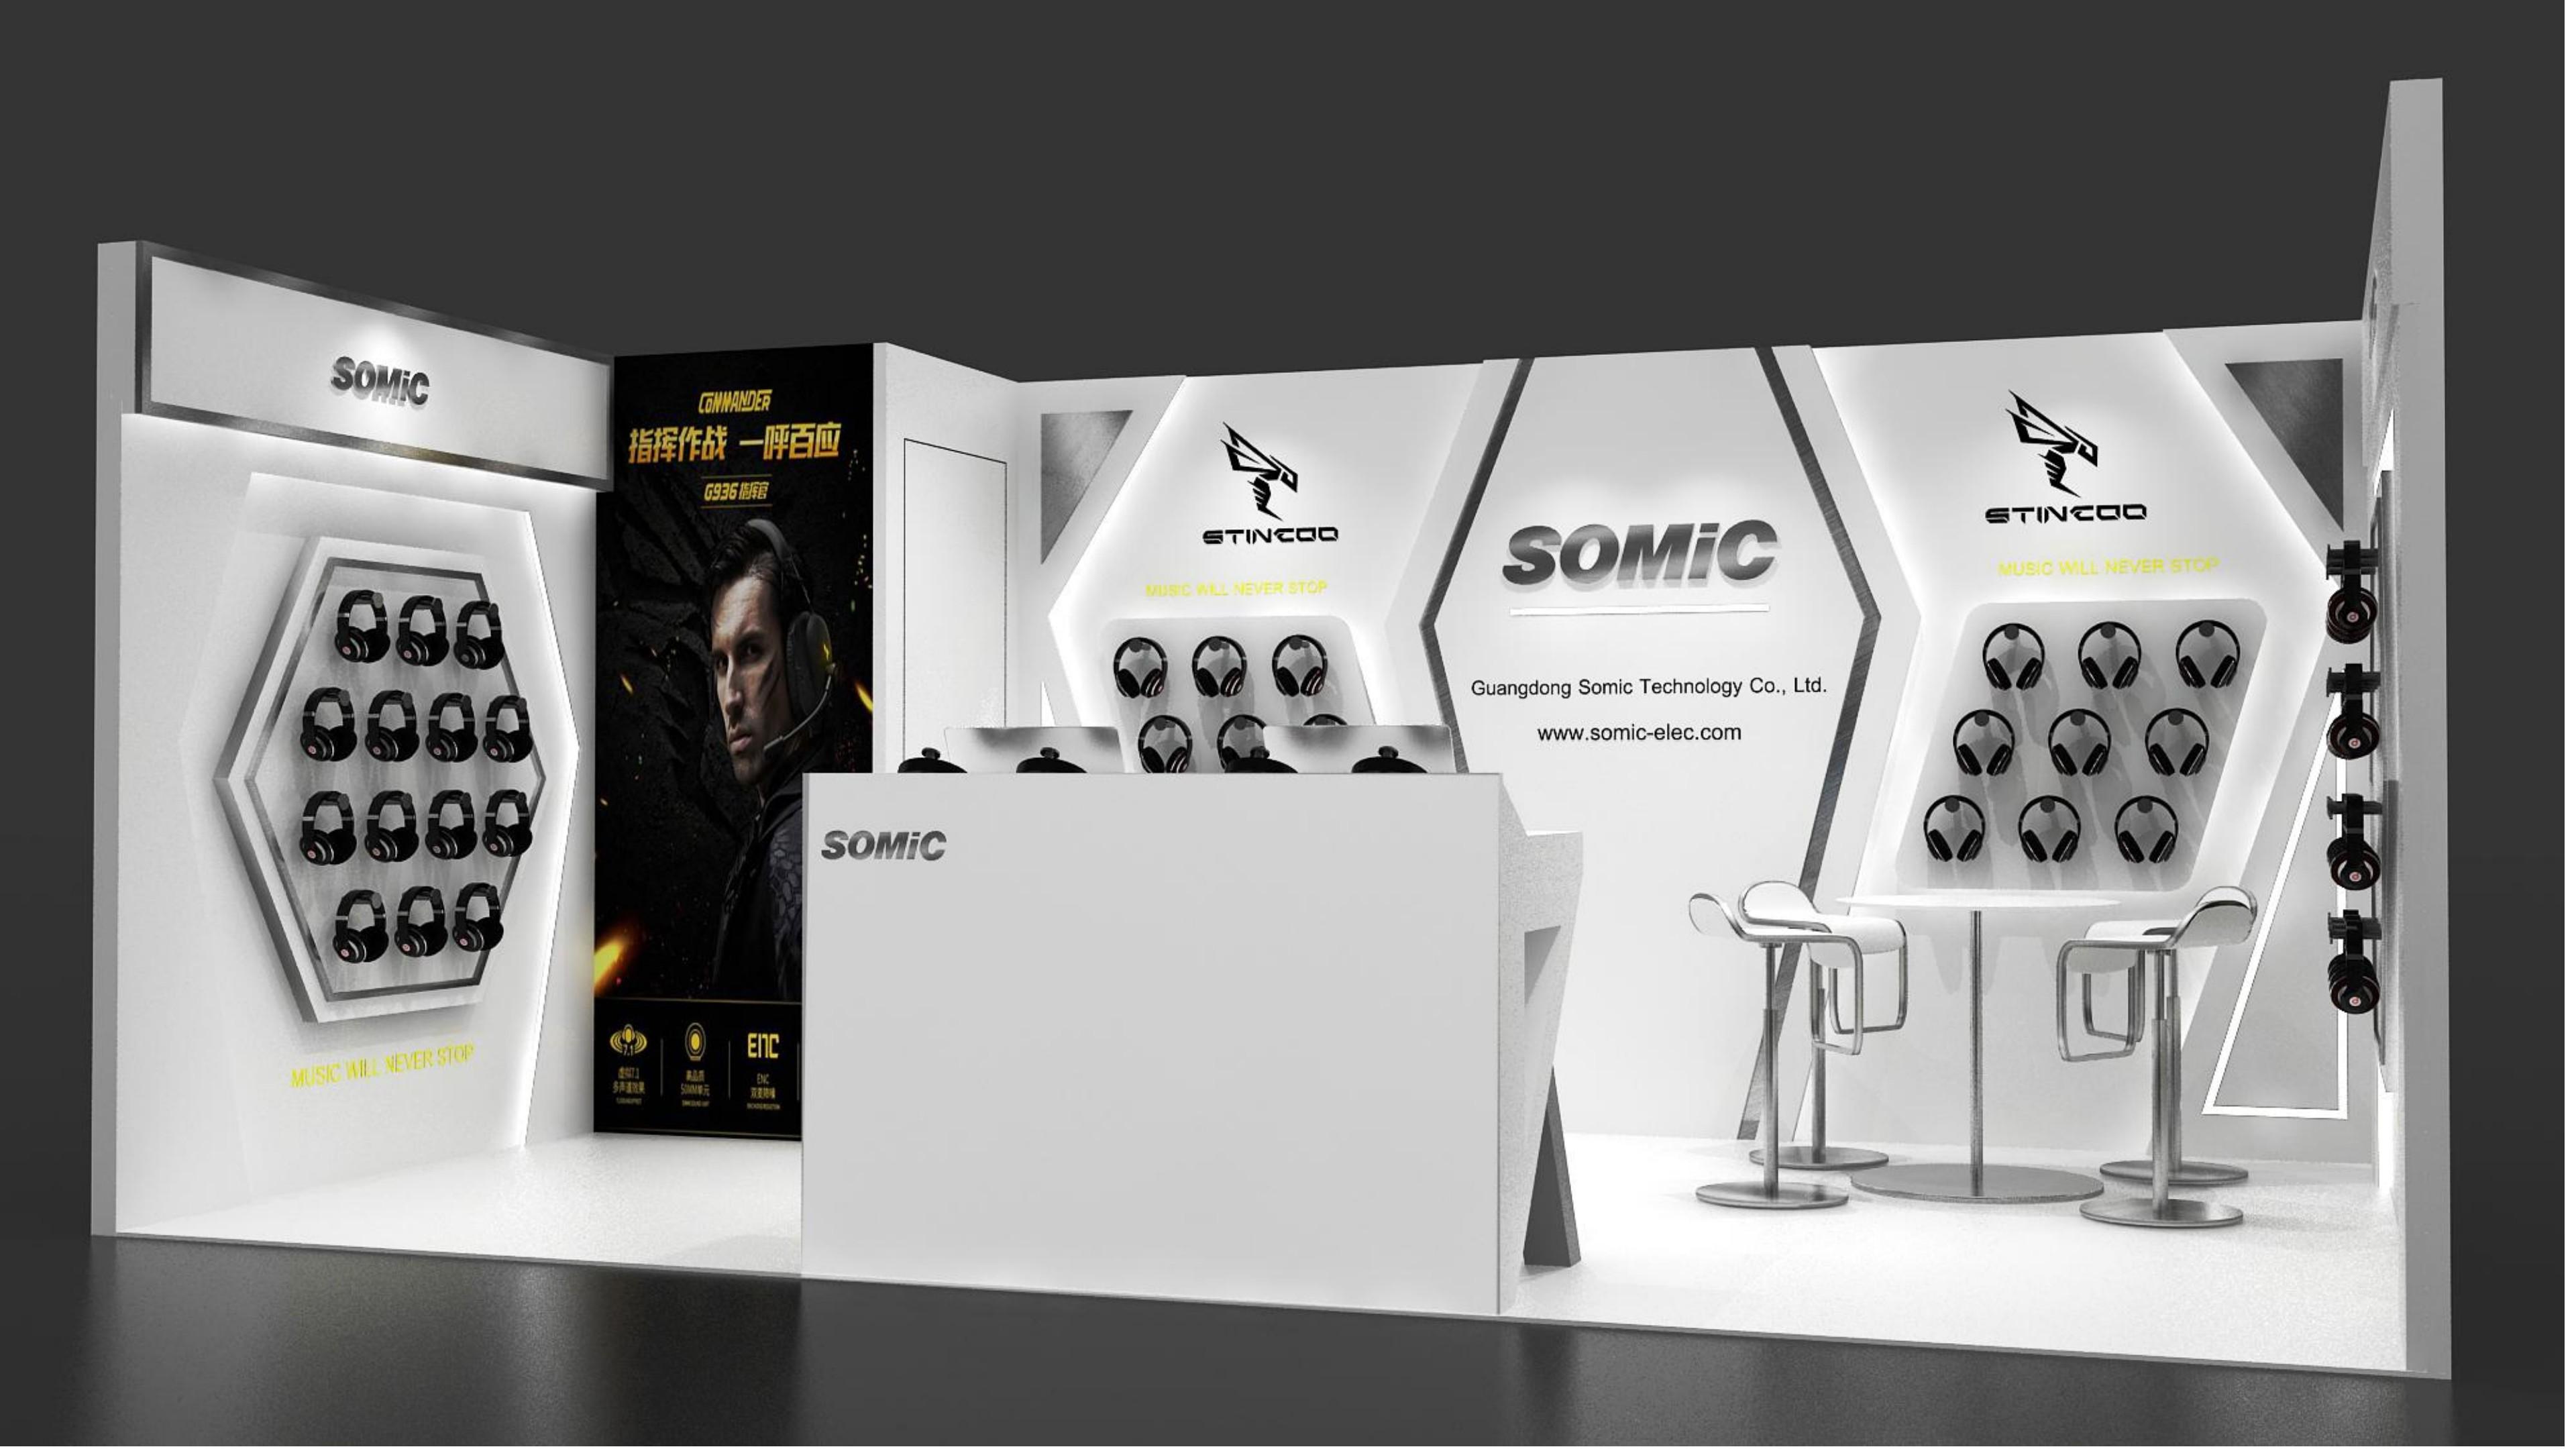 硕美科香港电子展设计搭建